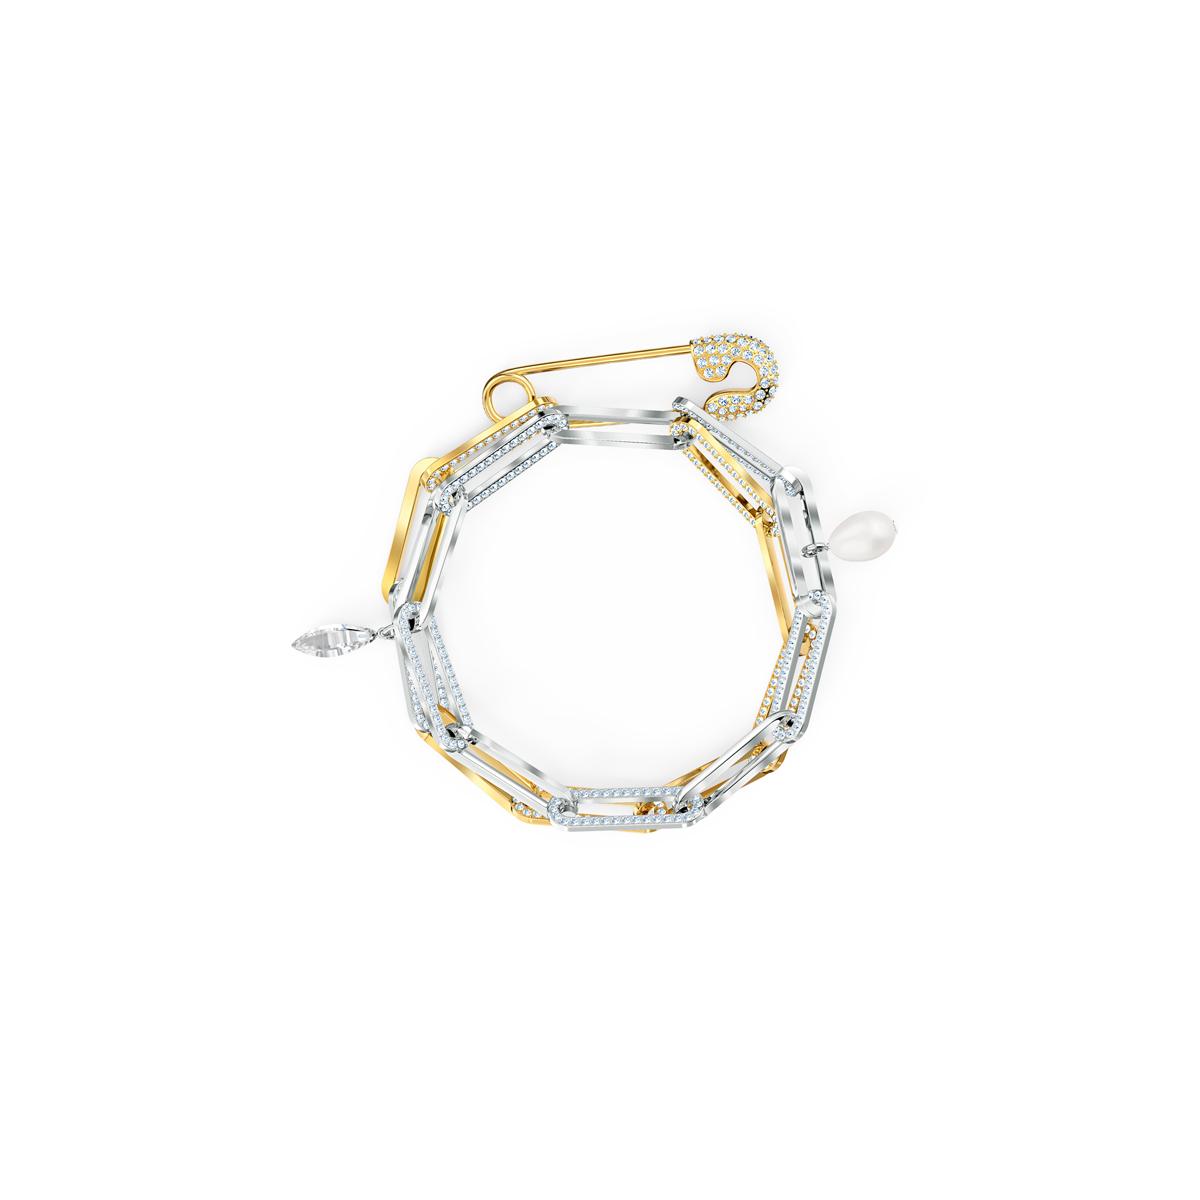 Swarovski Crystal So Cool Chain Bracelet